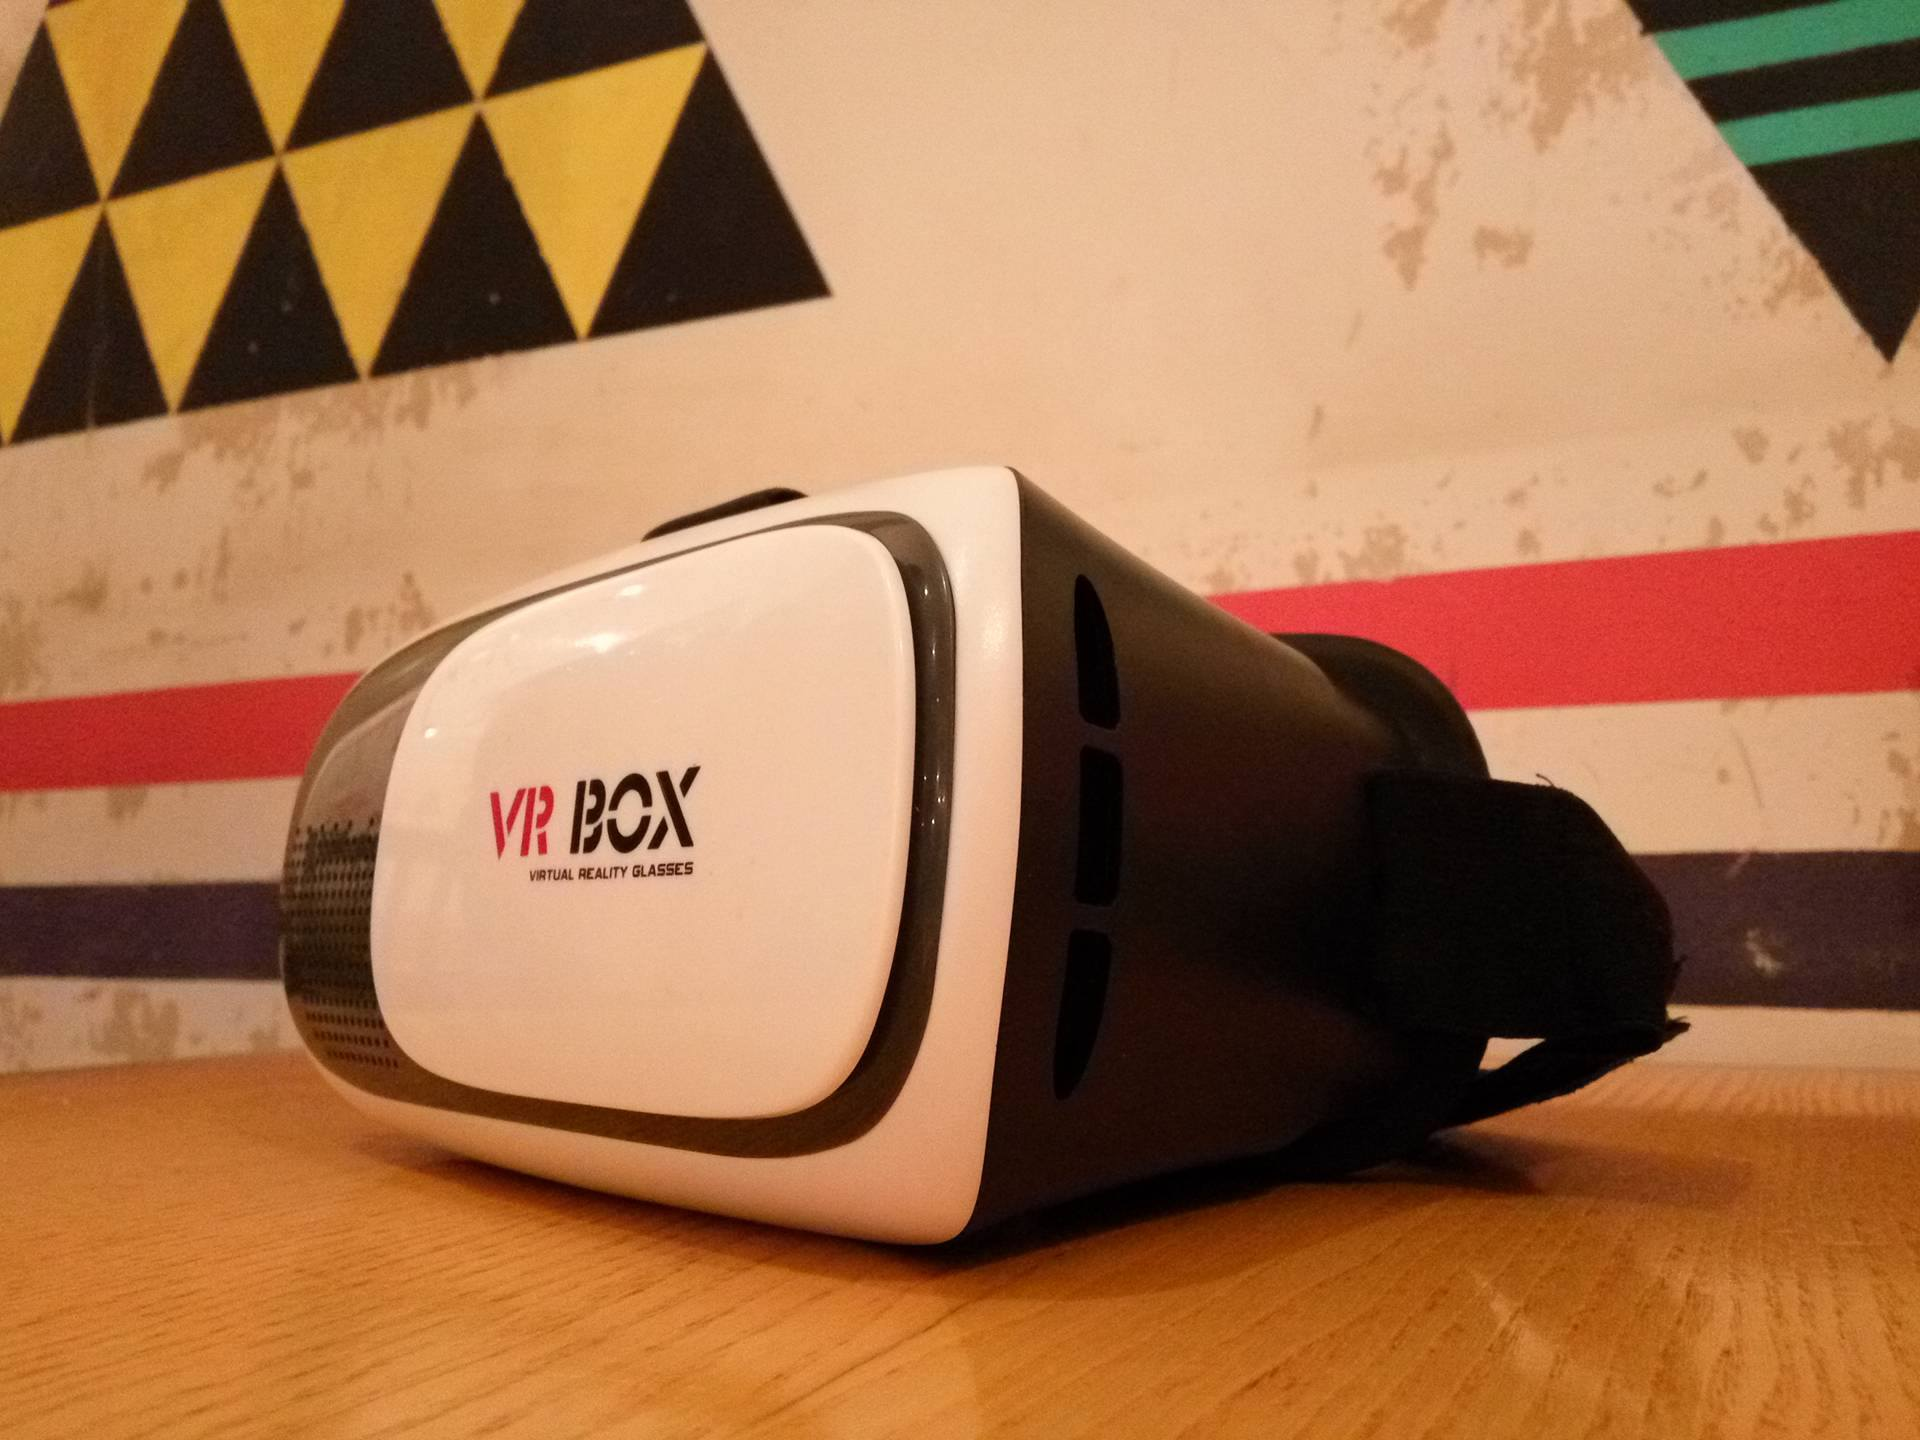 Очки для просмотра со смартфона - VR BOX. Фото: Realist